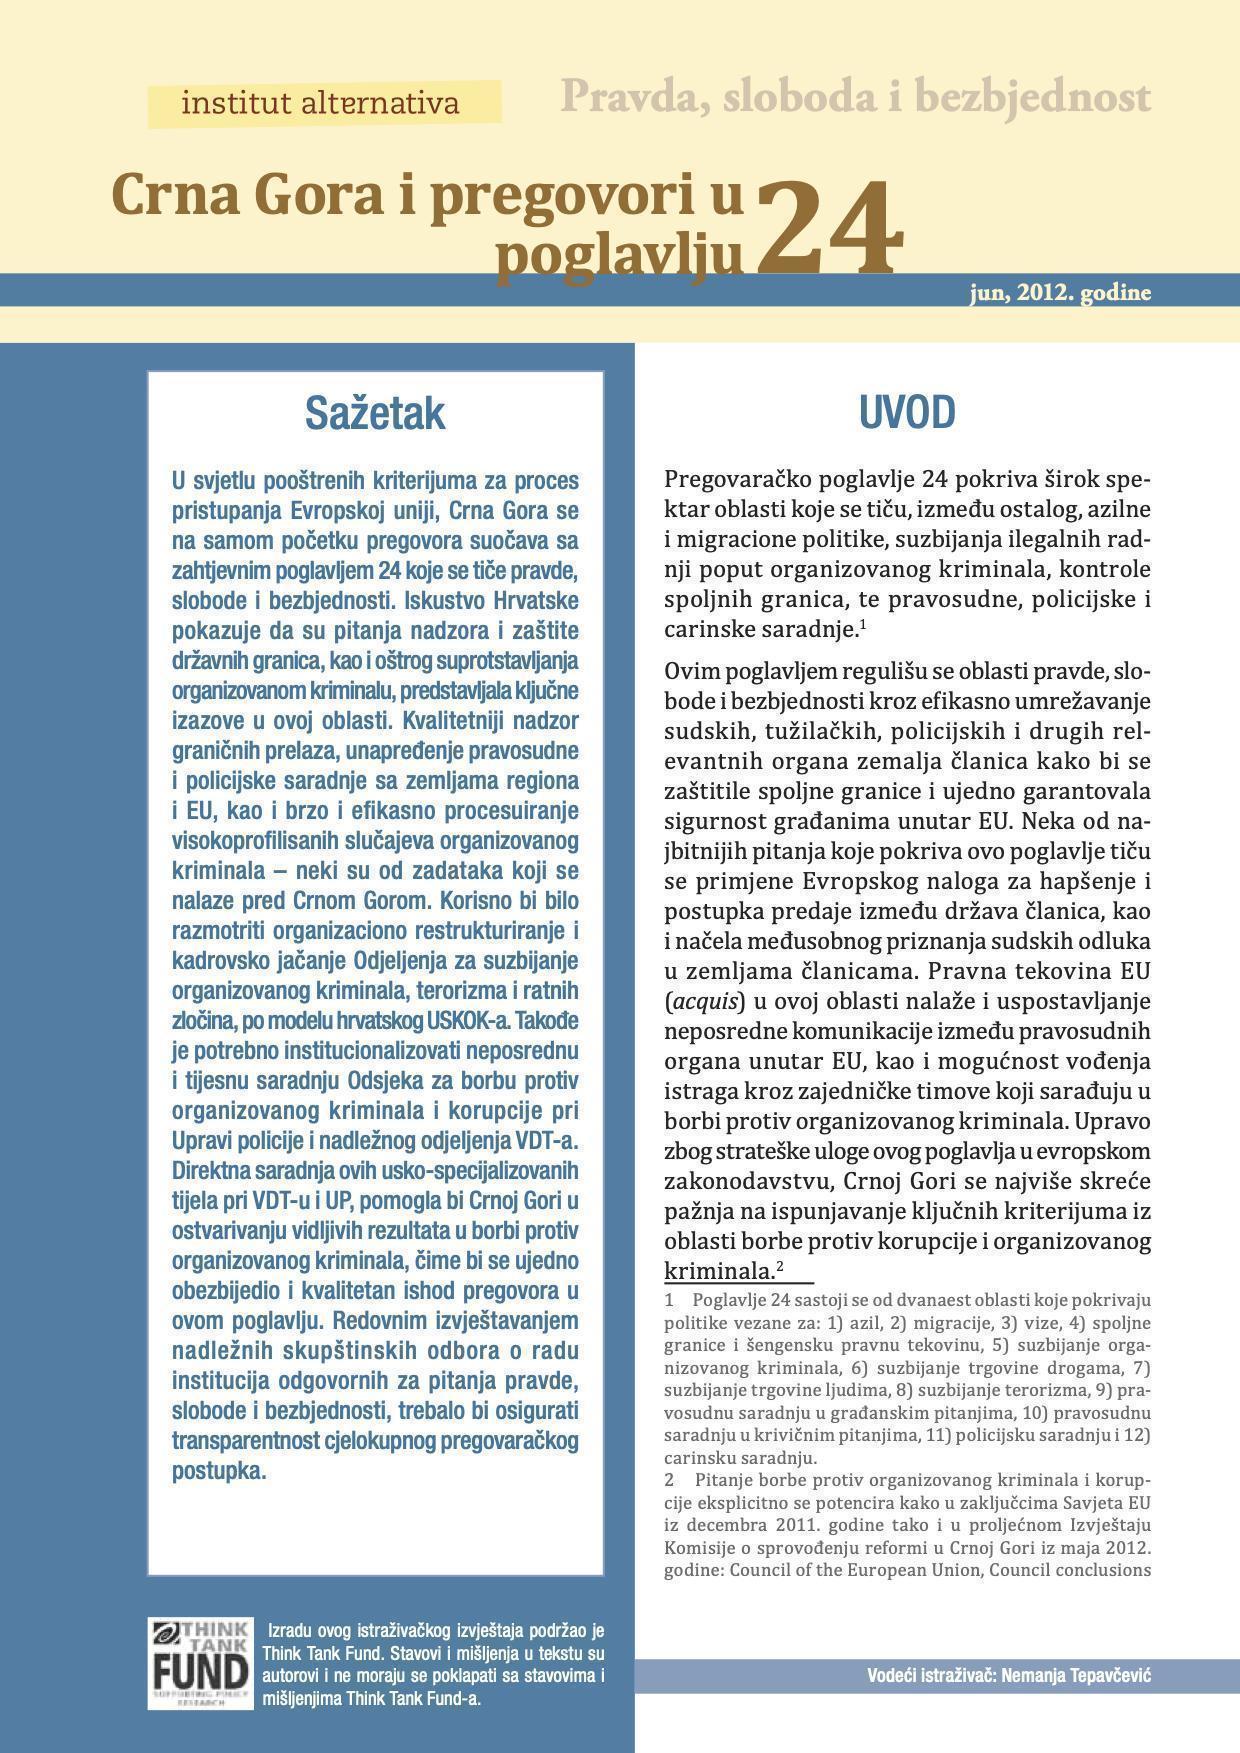 Crna Gora i pregovori u poglavlju 24 - Pravda, sloboda i bezbjednost